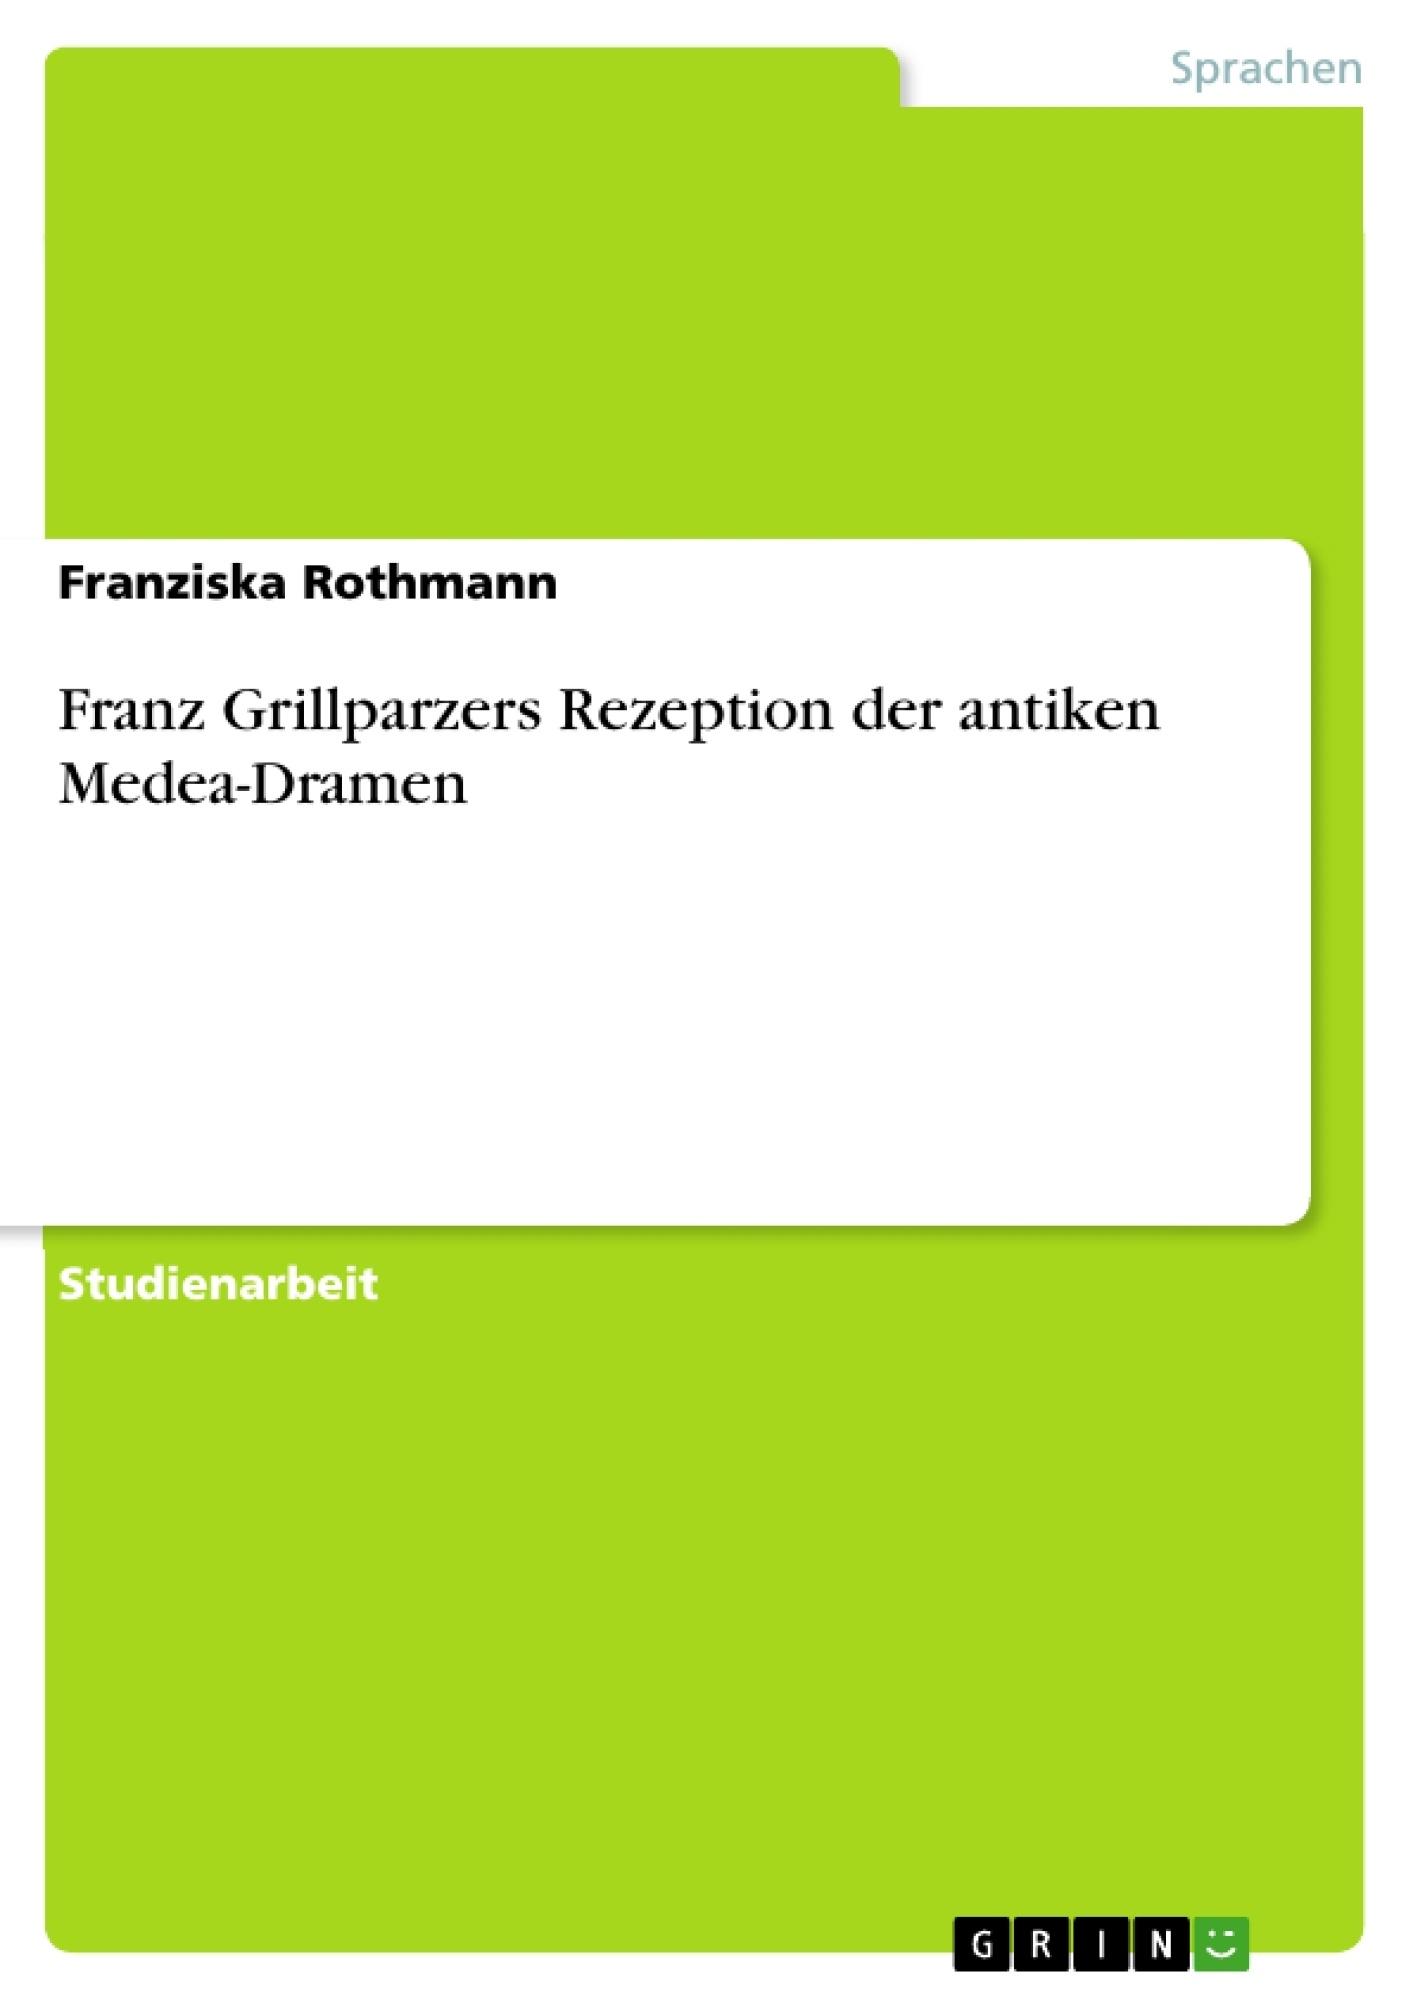 Franz Grillparzer zusammenfassung